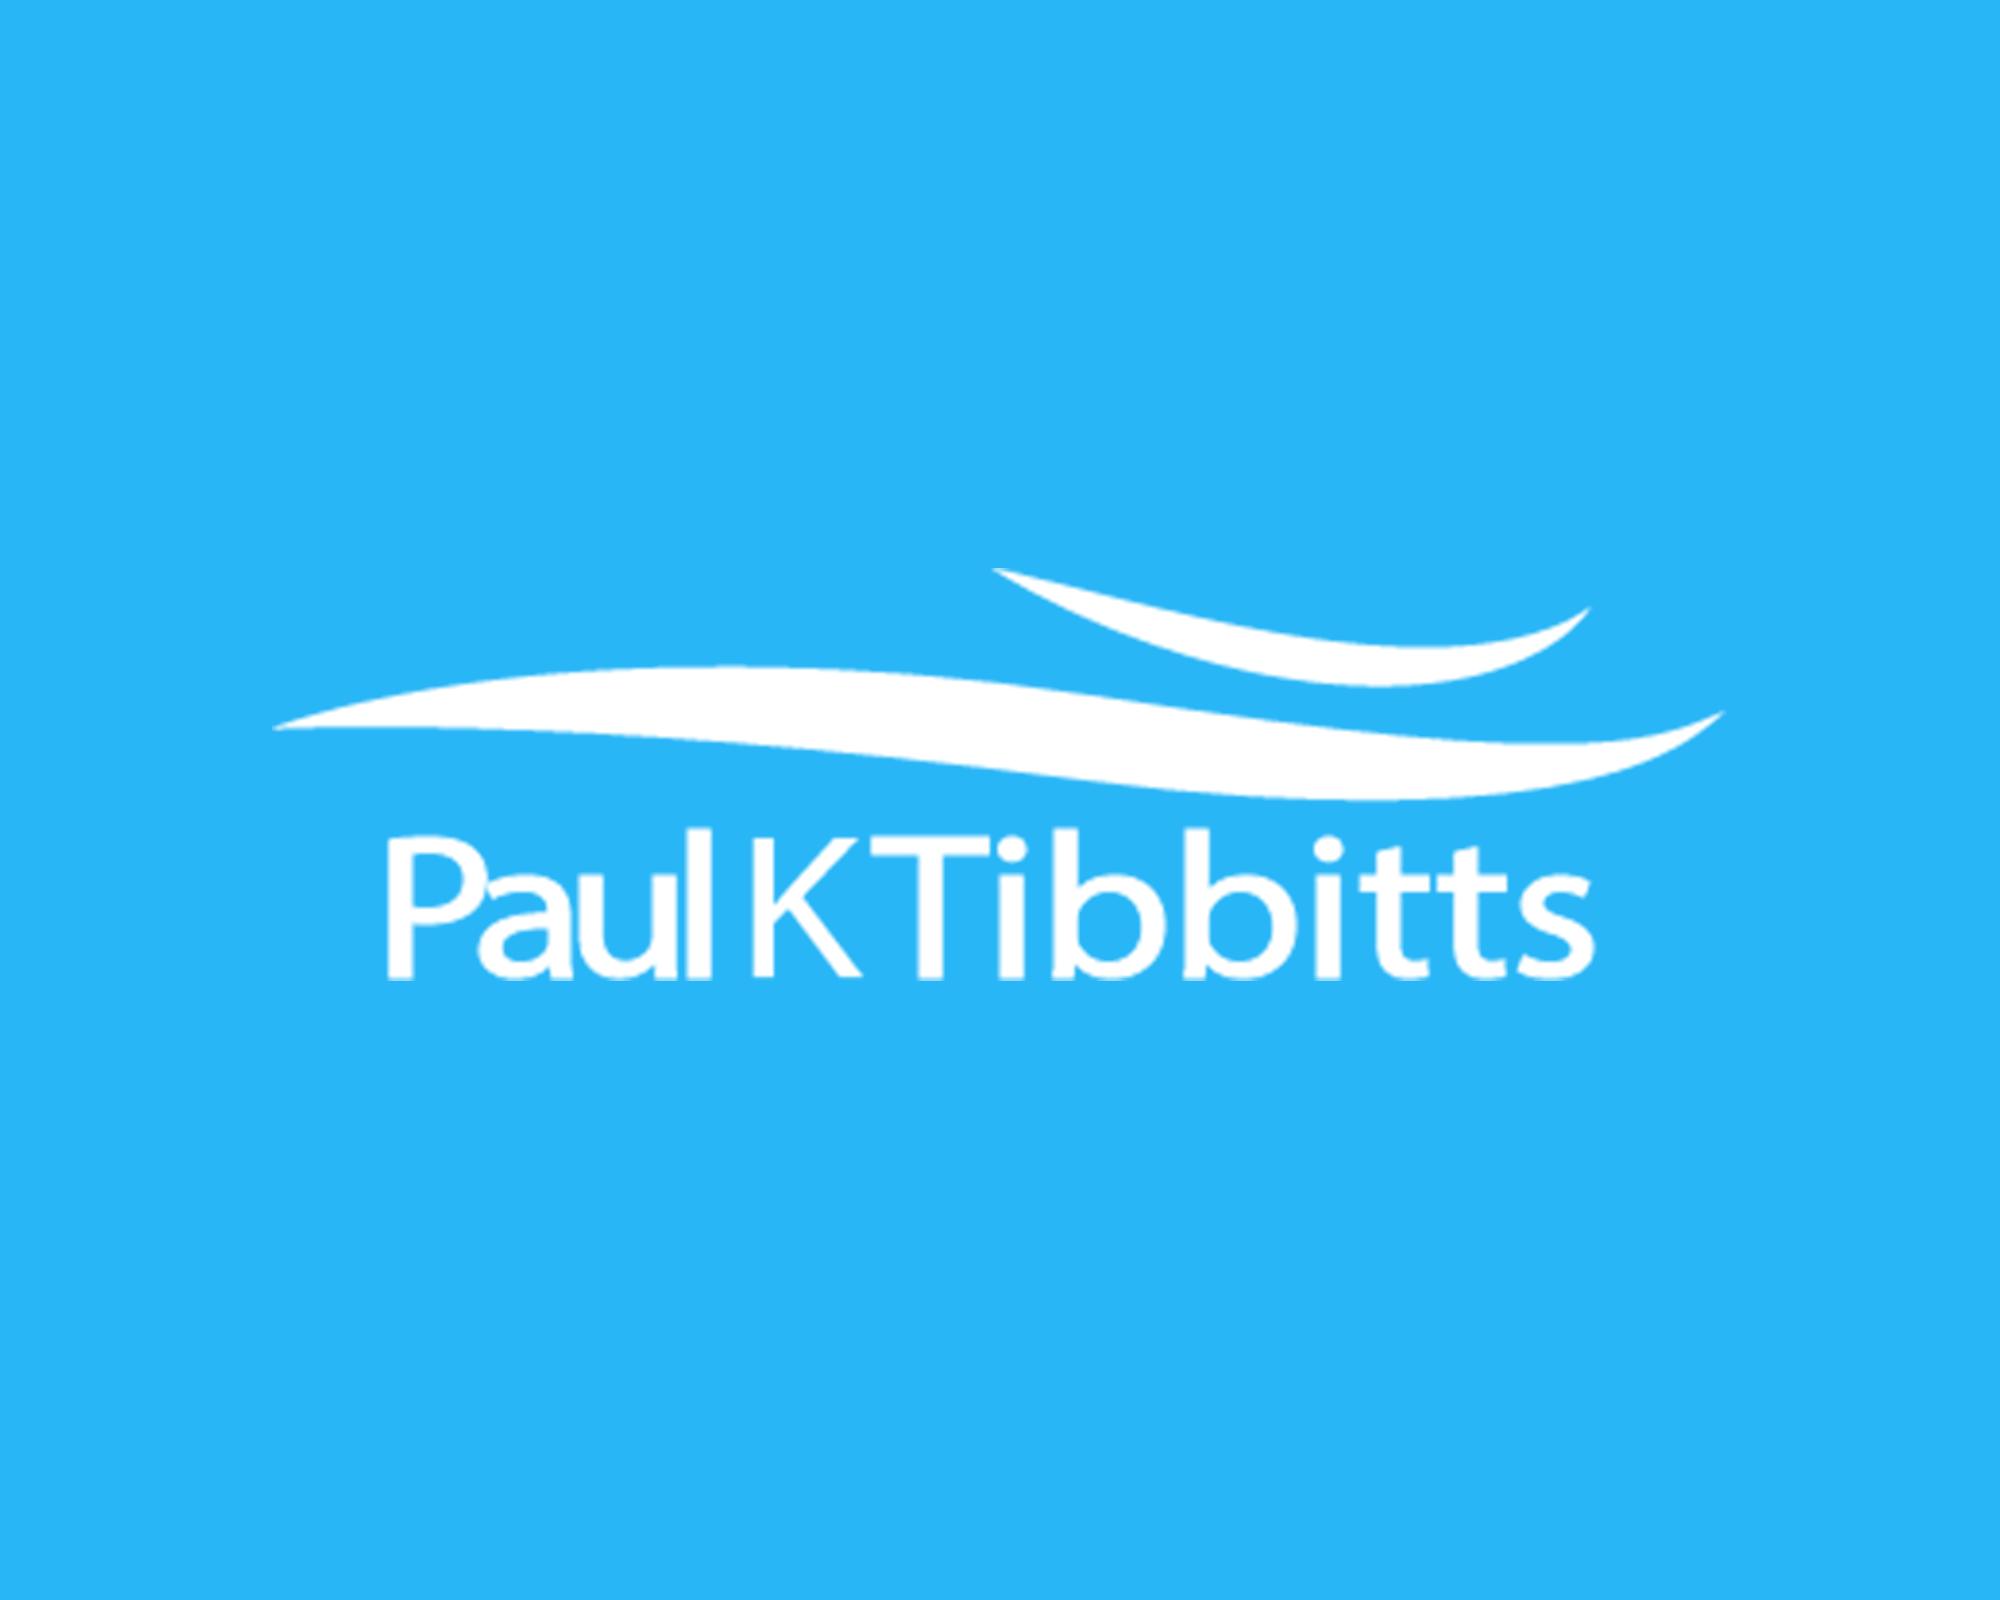 paul k tibbits  Logo